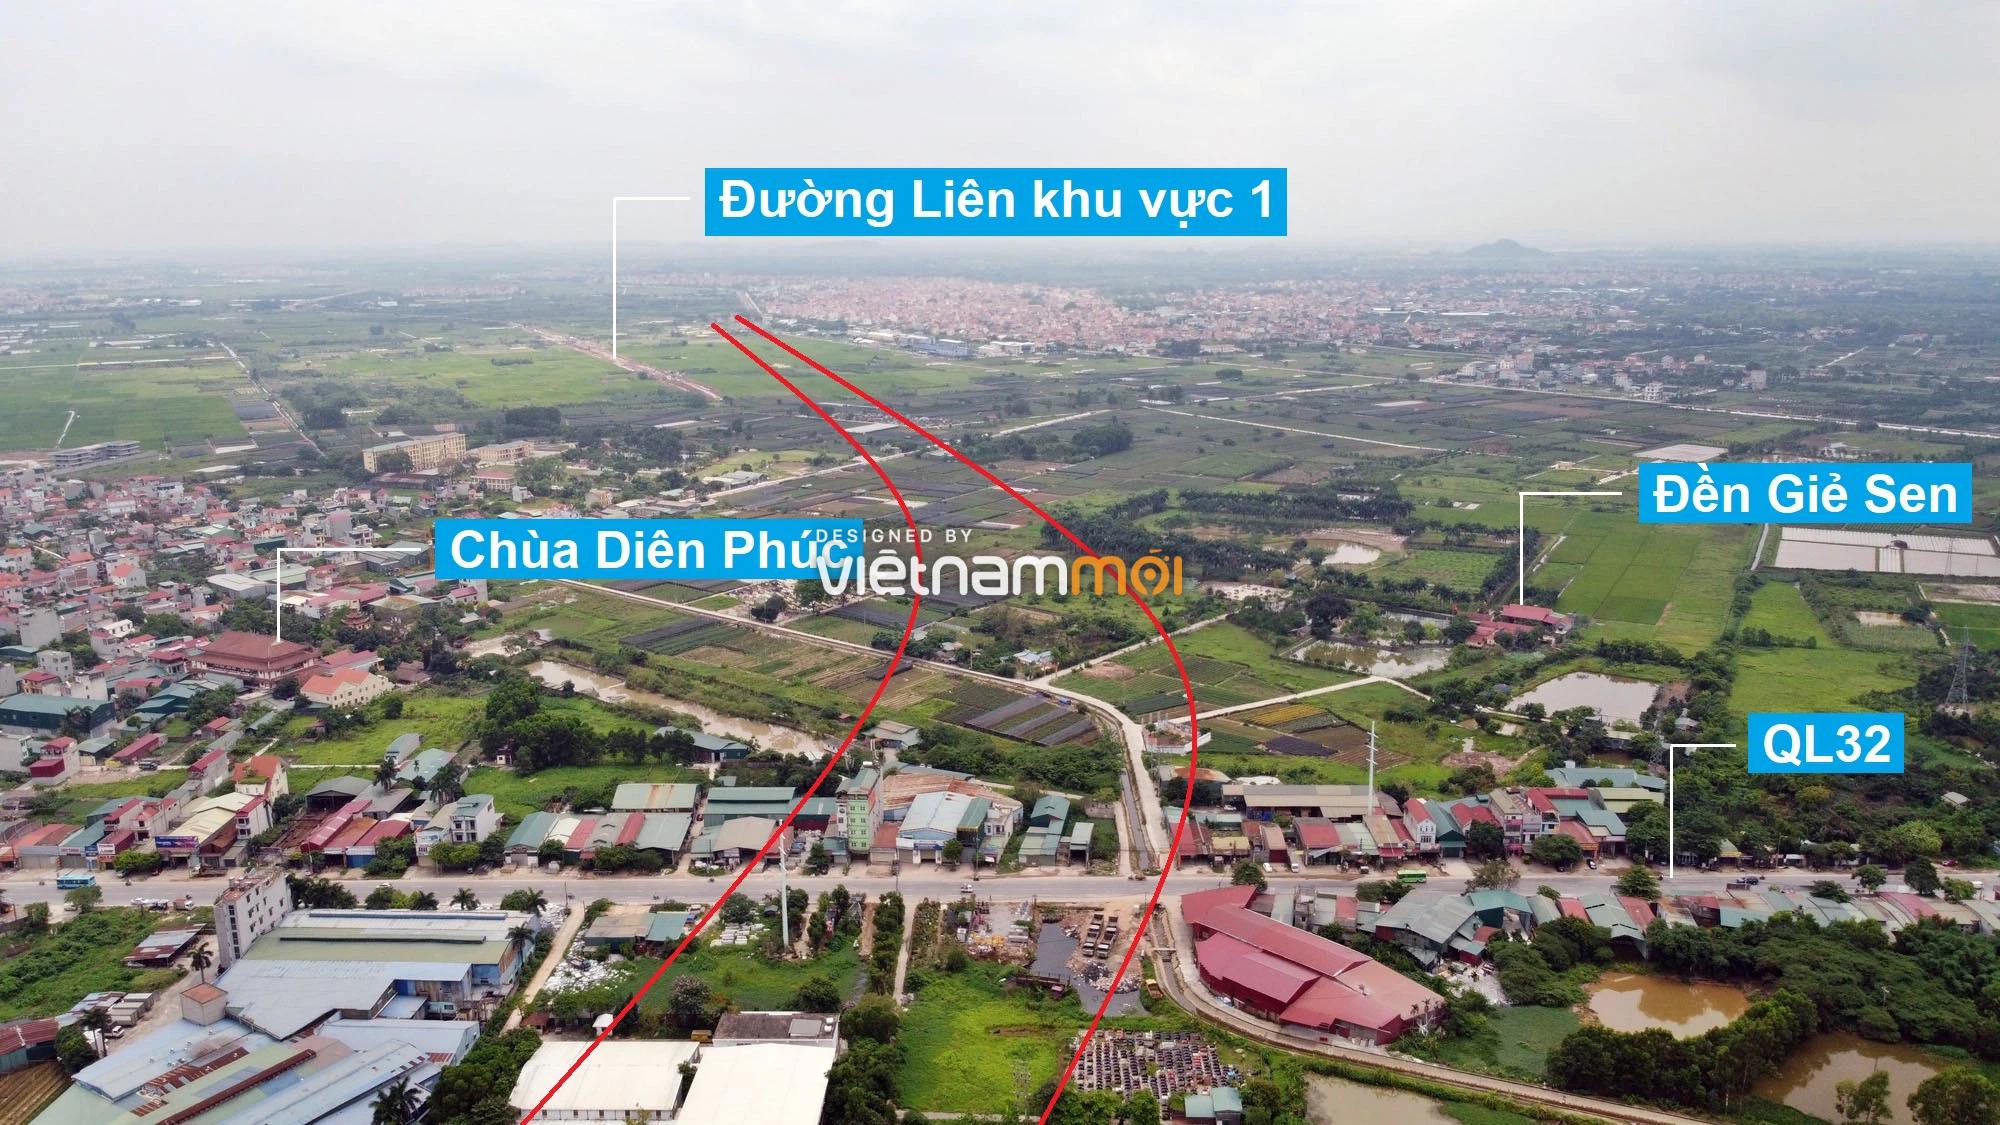 Đường Vành đai 4 sẽ mở theo quy hoạch qua huyện Hoài Đức, Hà Nội - Ảnh 3.